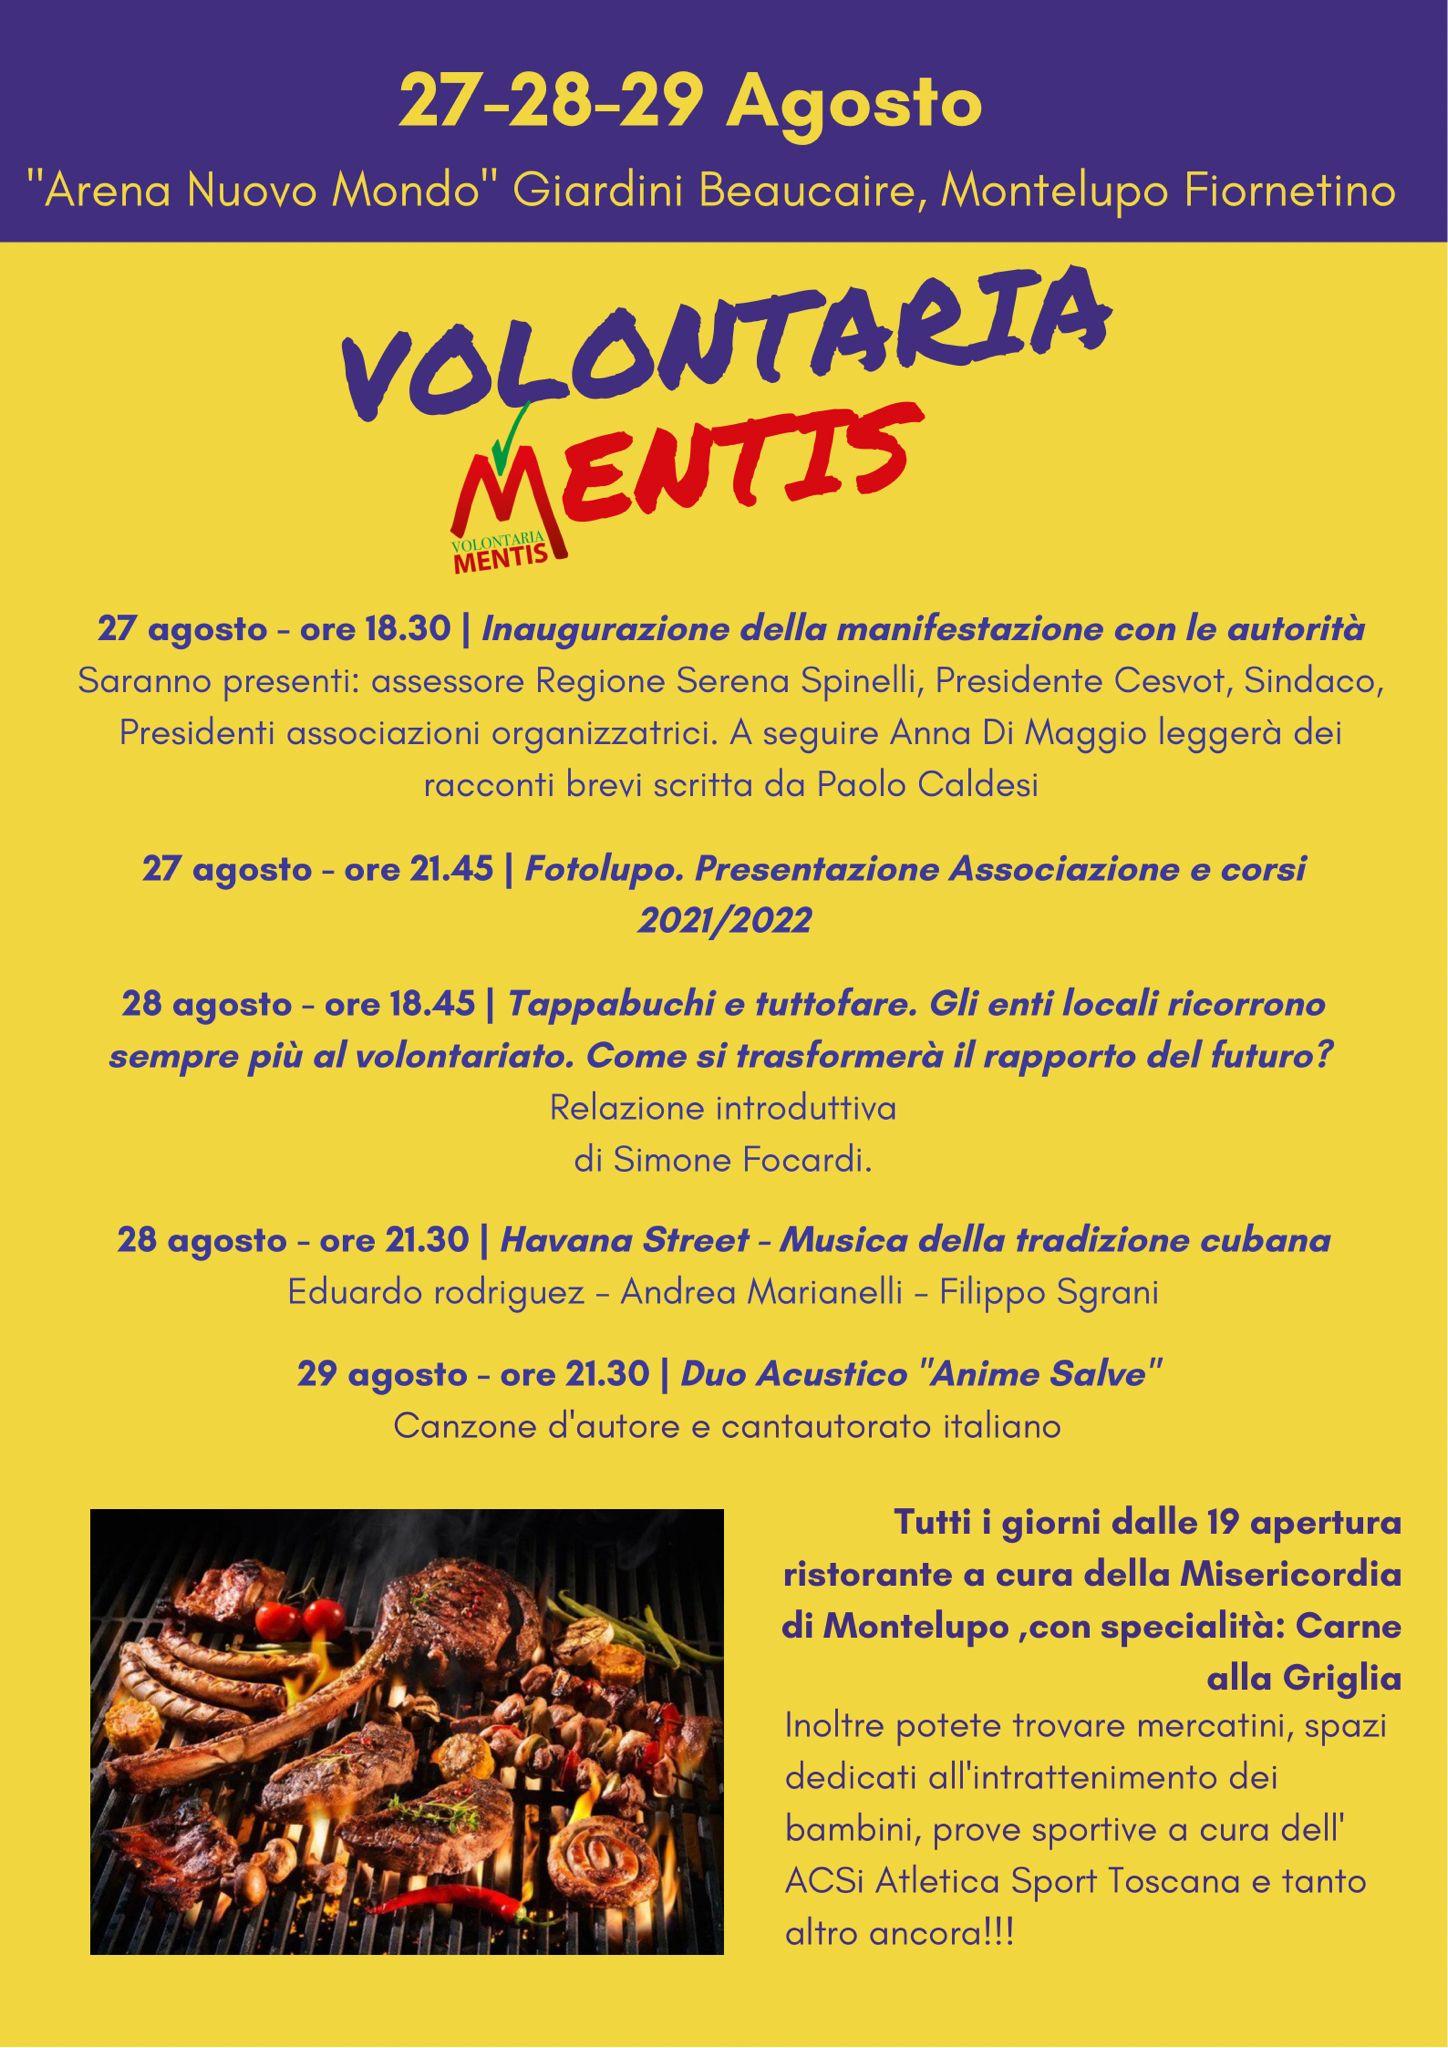 Ricreazione, politica, gastronomia, musica e dibattiti per la prima settimana della festa VolontariaMentis